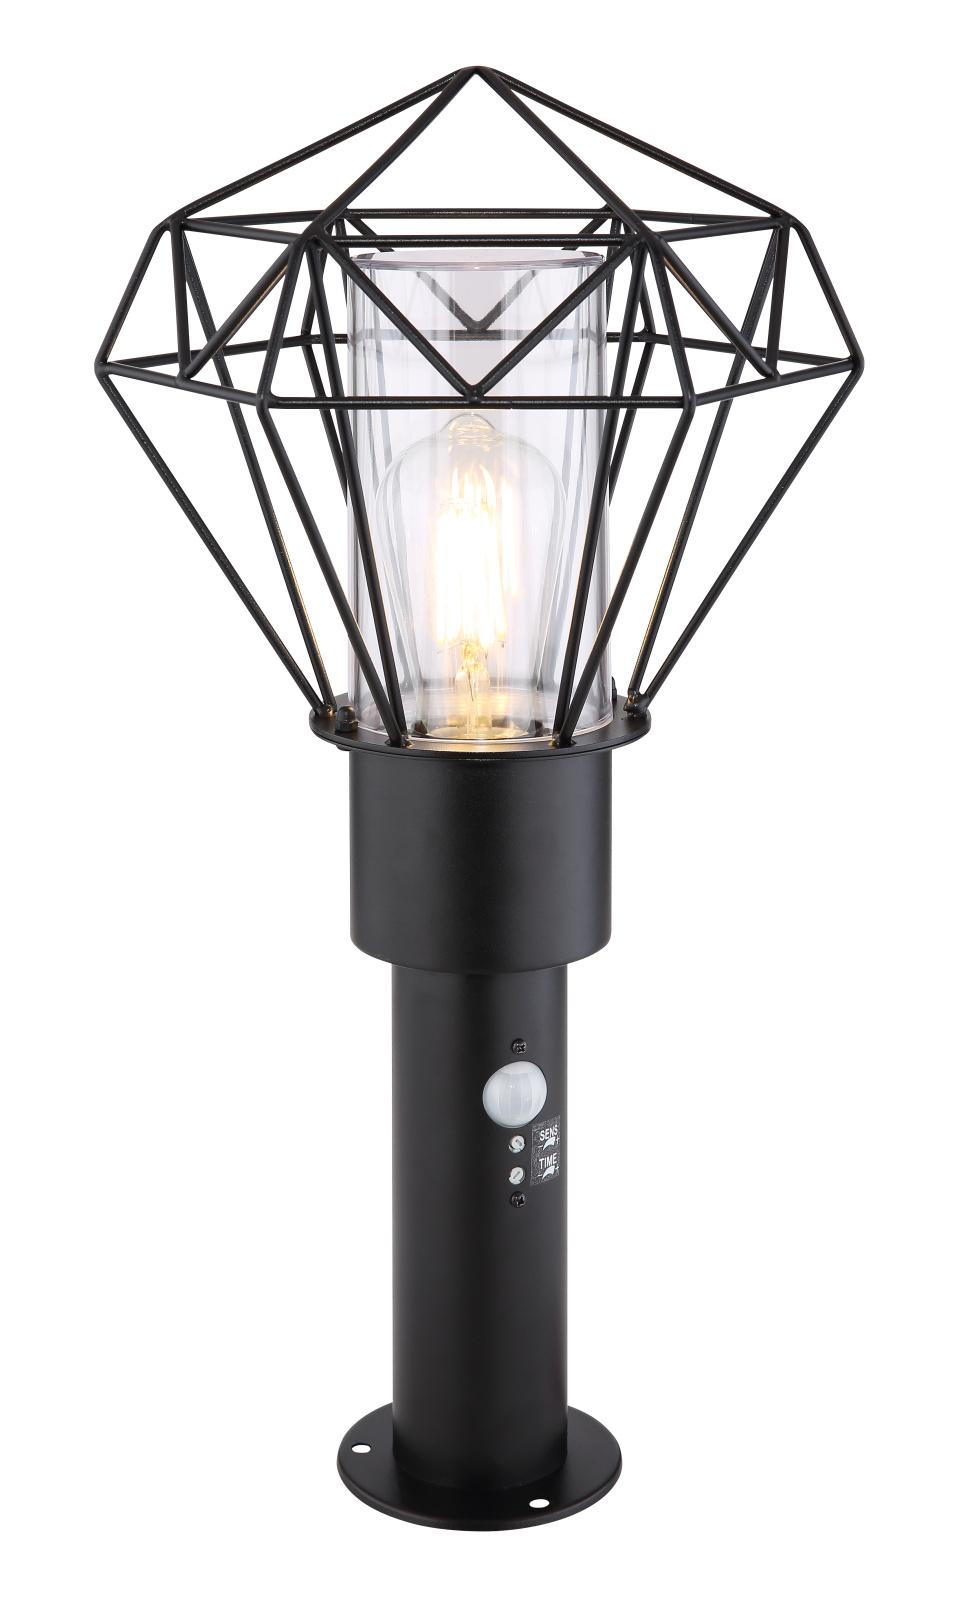 Kültéri állólámpa rozsdamentes acél fekete, műanyag átlátszó búrával, szenzorral szerelve exkl. 1xE27 LED 15W 230V. IP44